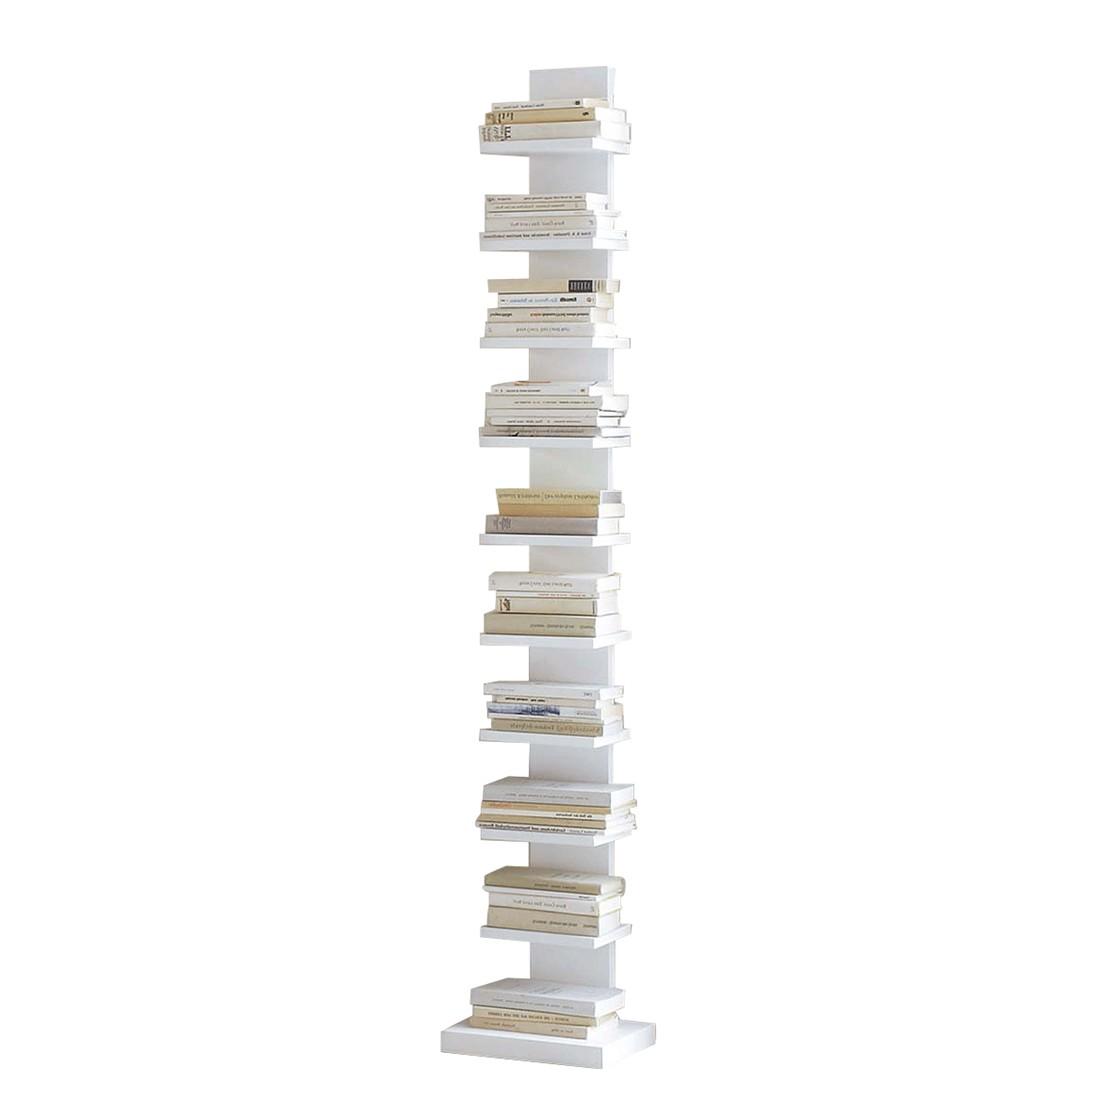 Bücherregal weiß schmal  Bücherregal Zoey - Holz - Weiß - Schrank.info | Schrank.info